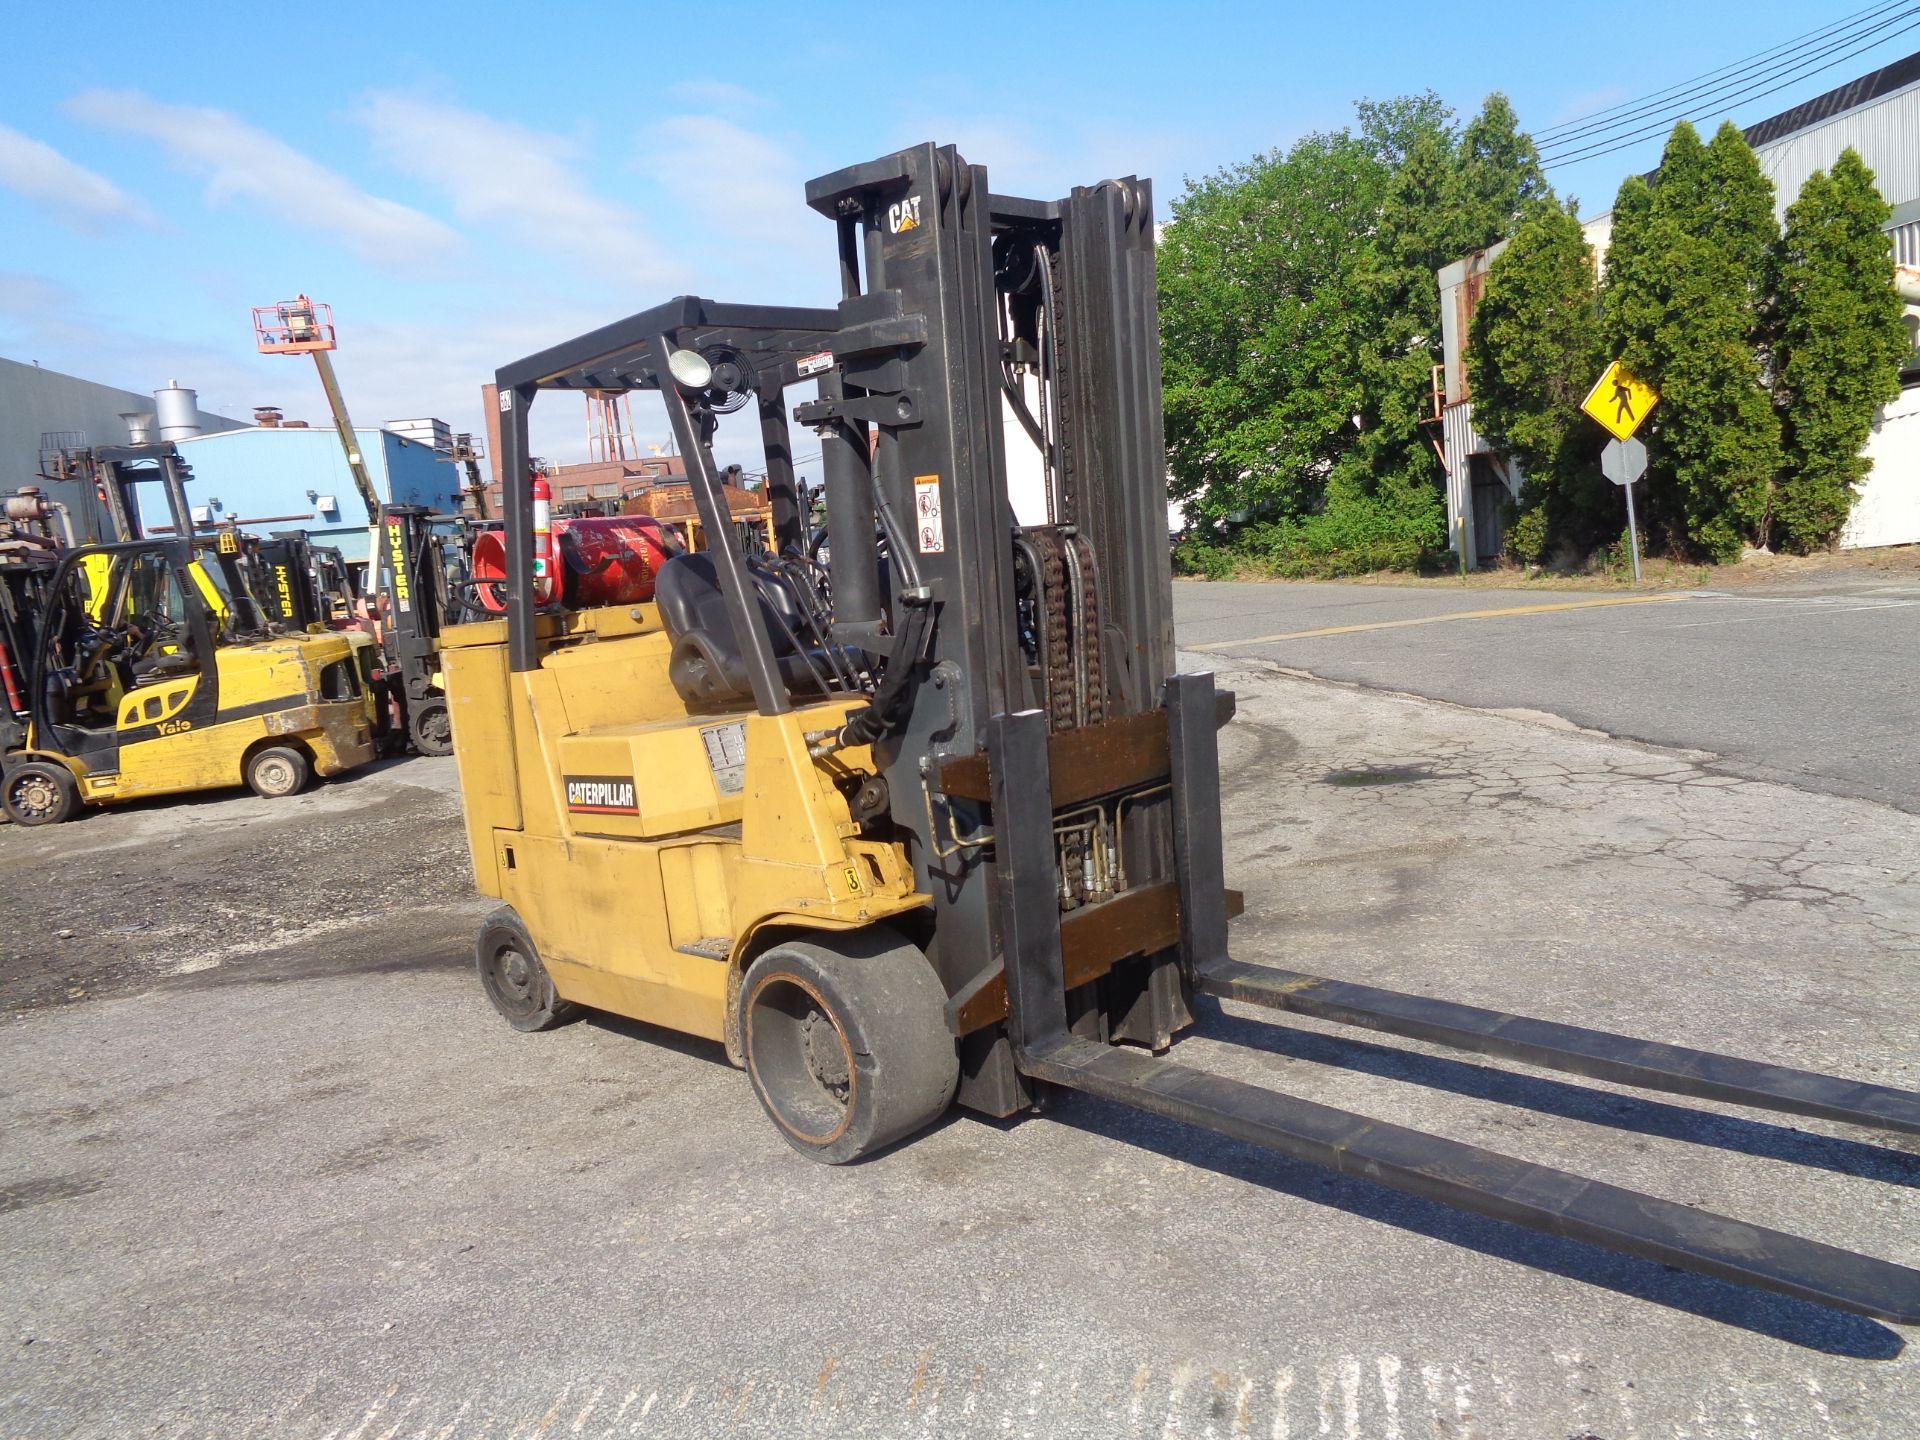 Caterpillar GC55KSTR 11,000lb Forklift - Image 7 of 14